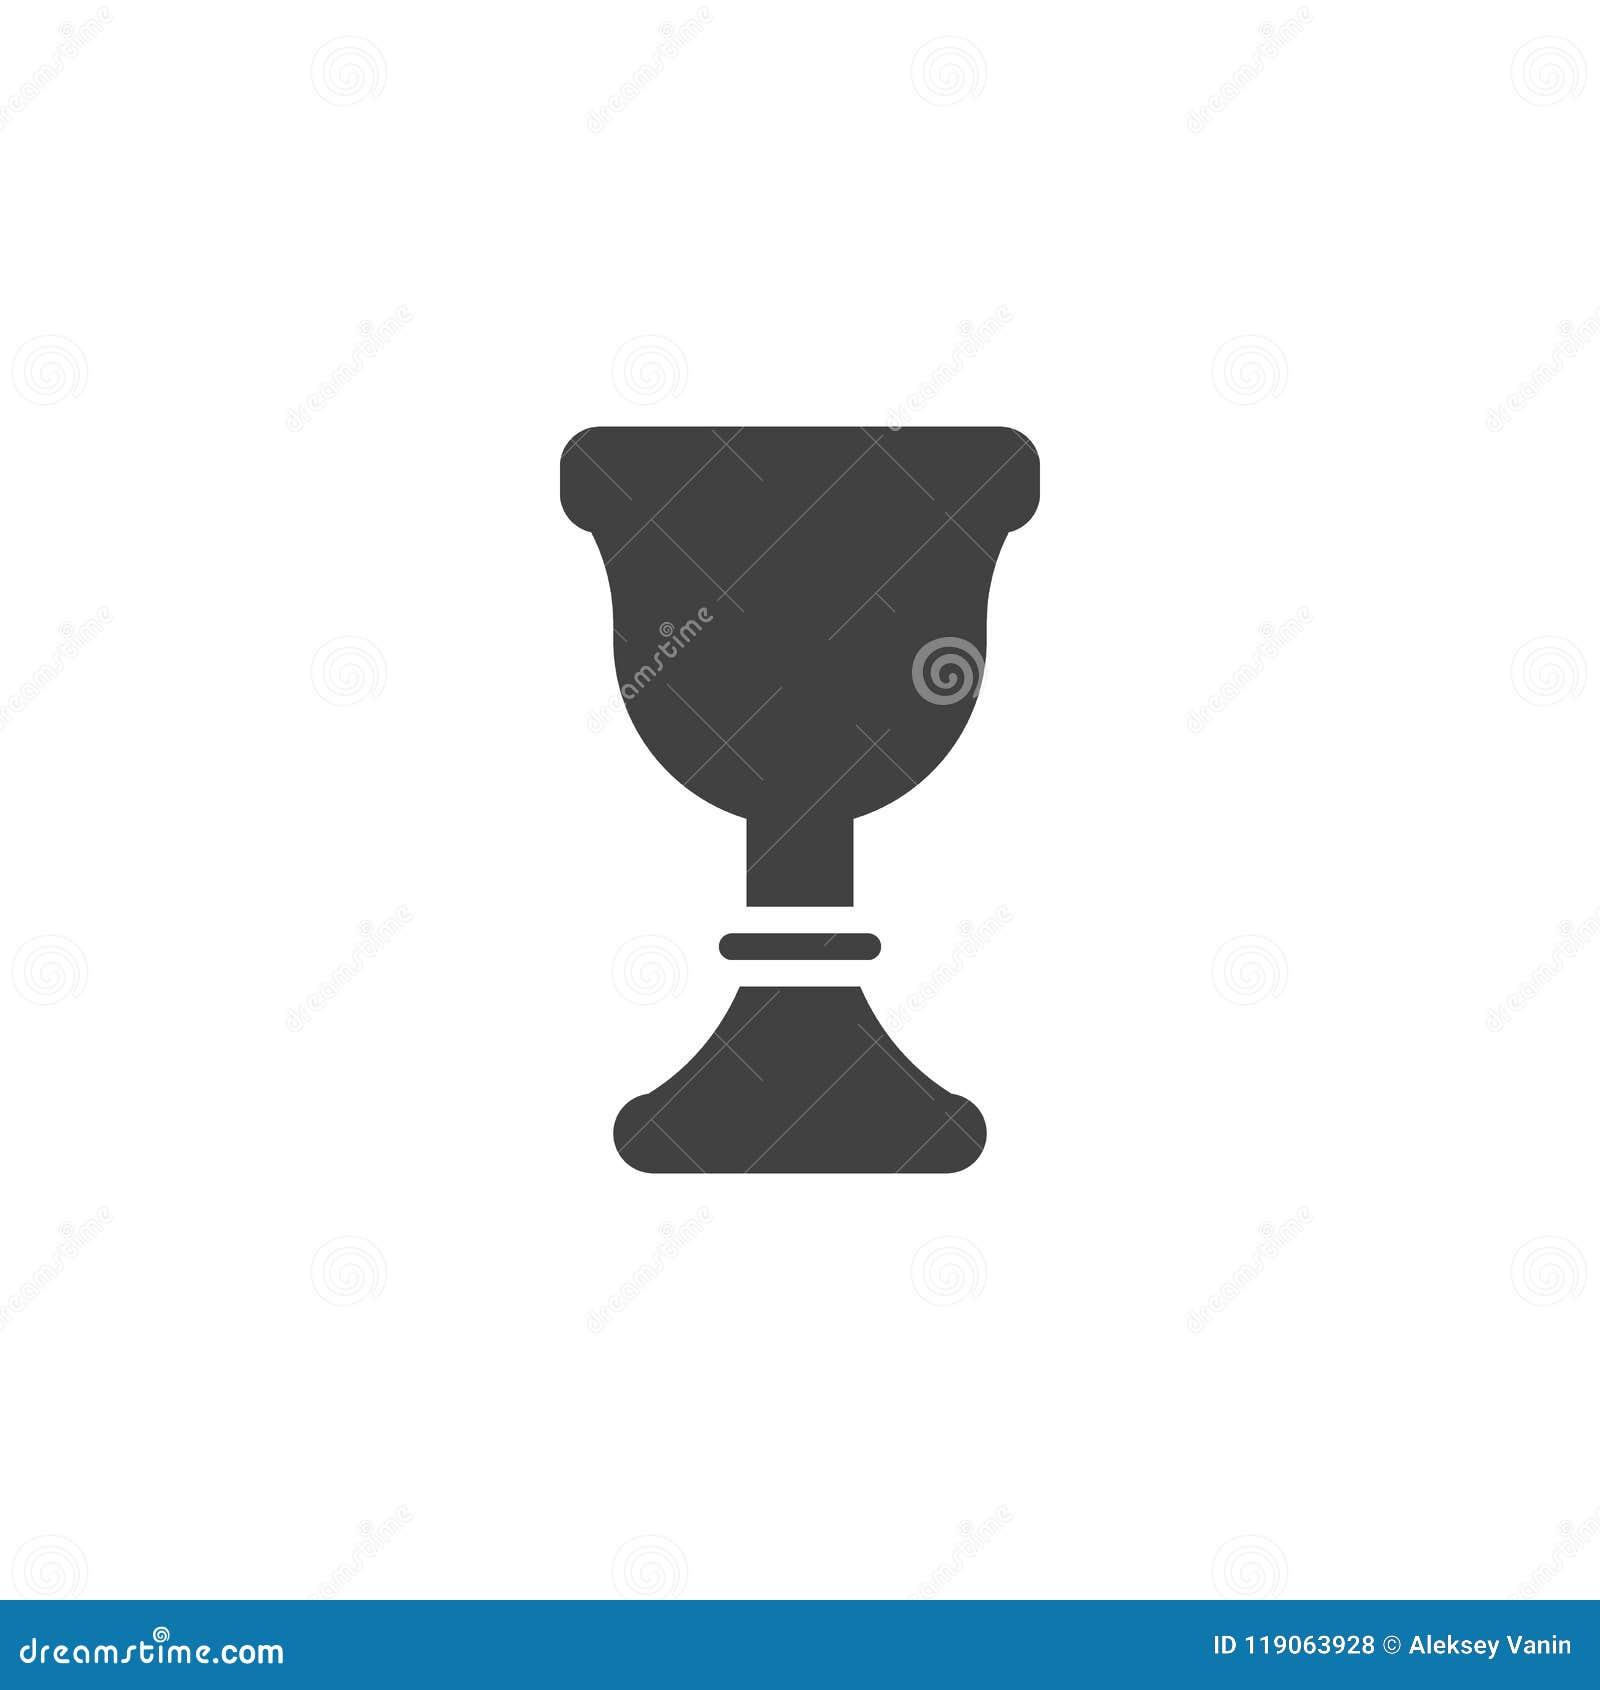 Chalice vector icon